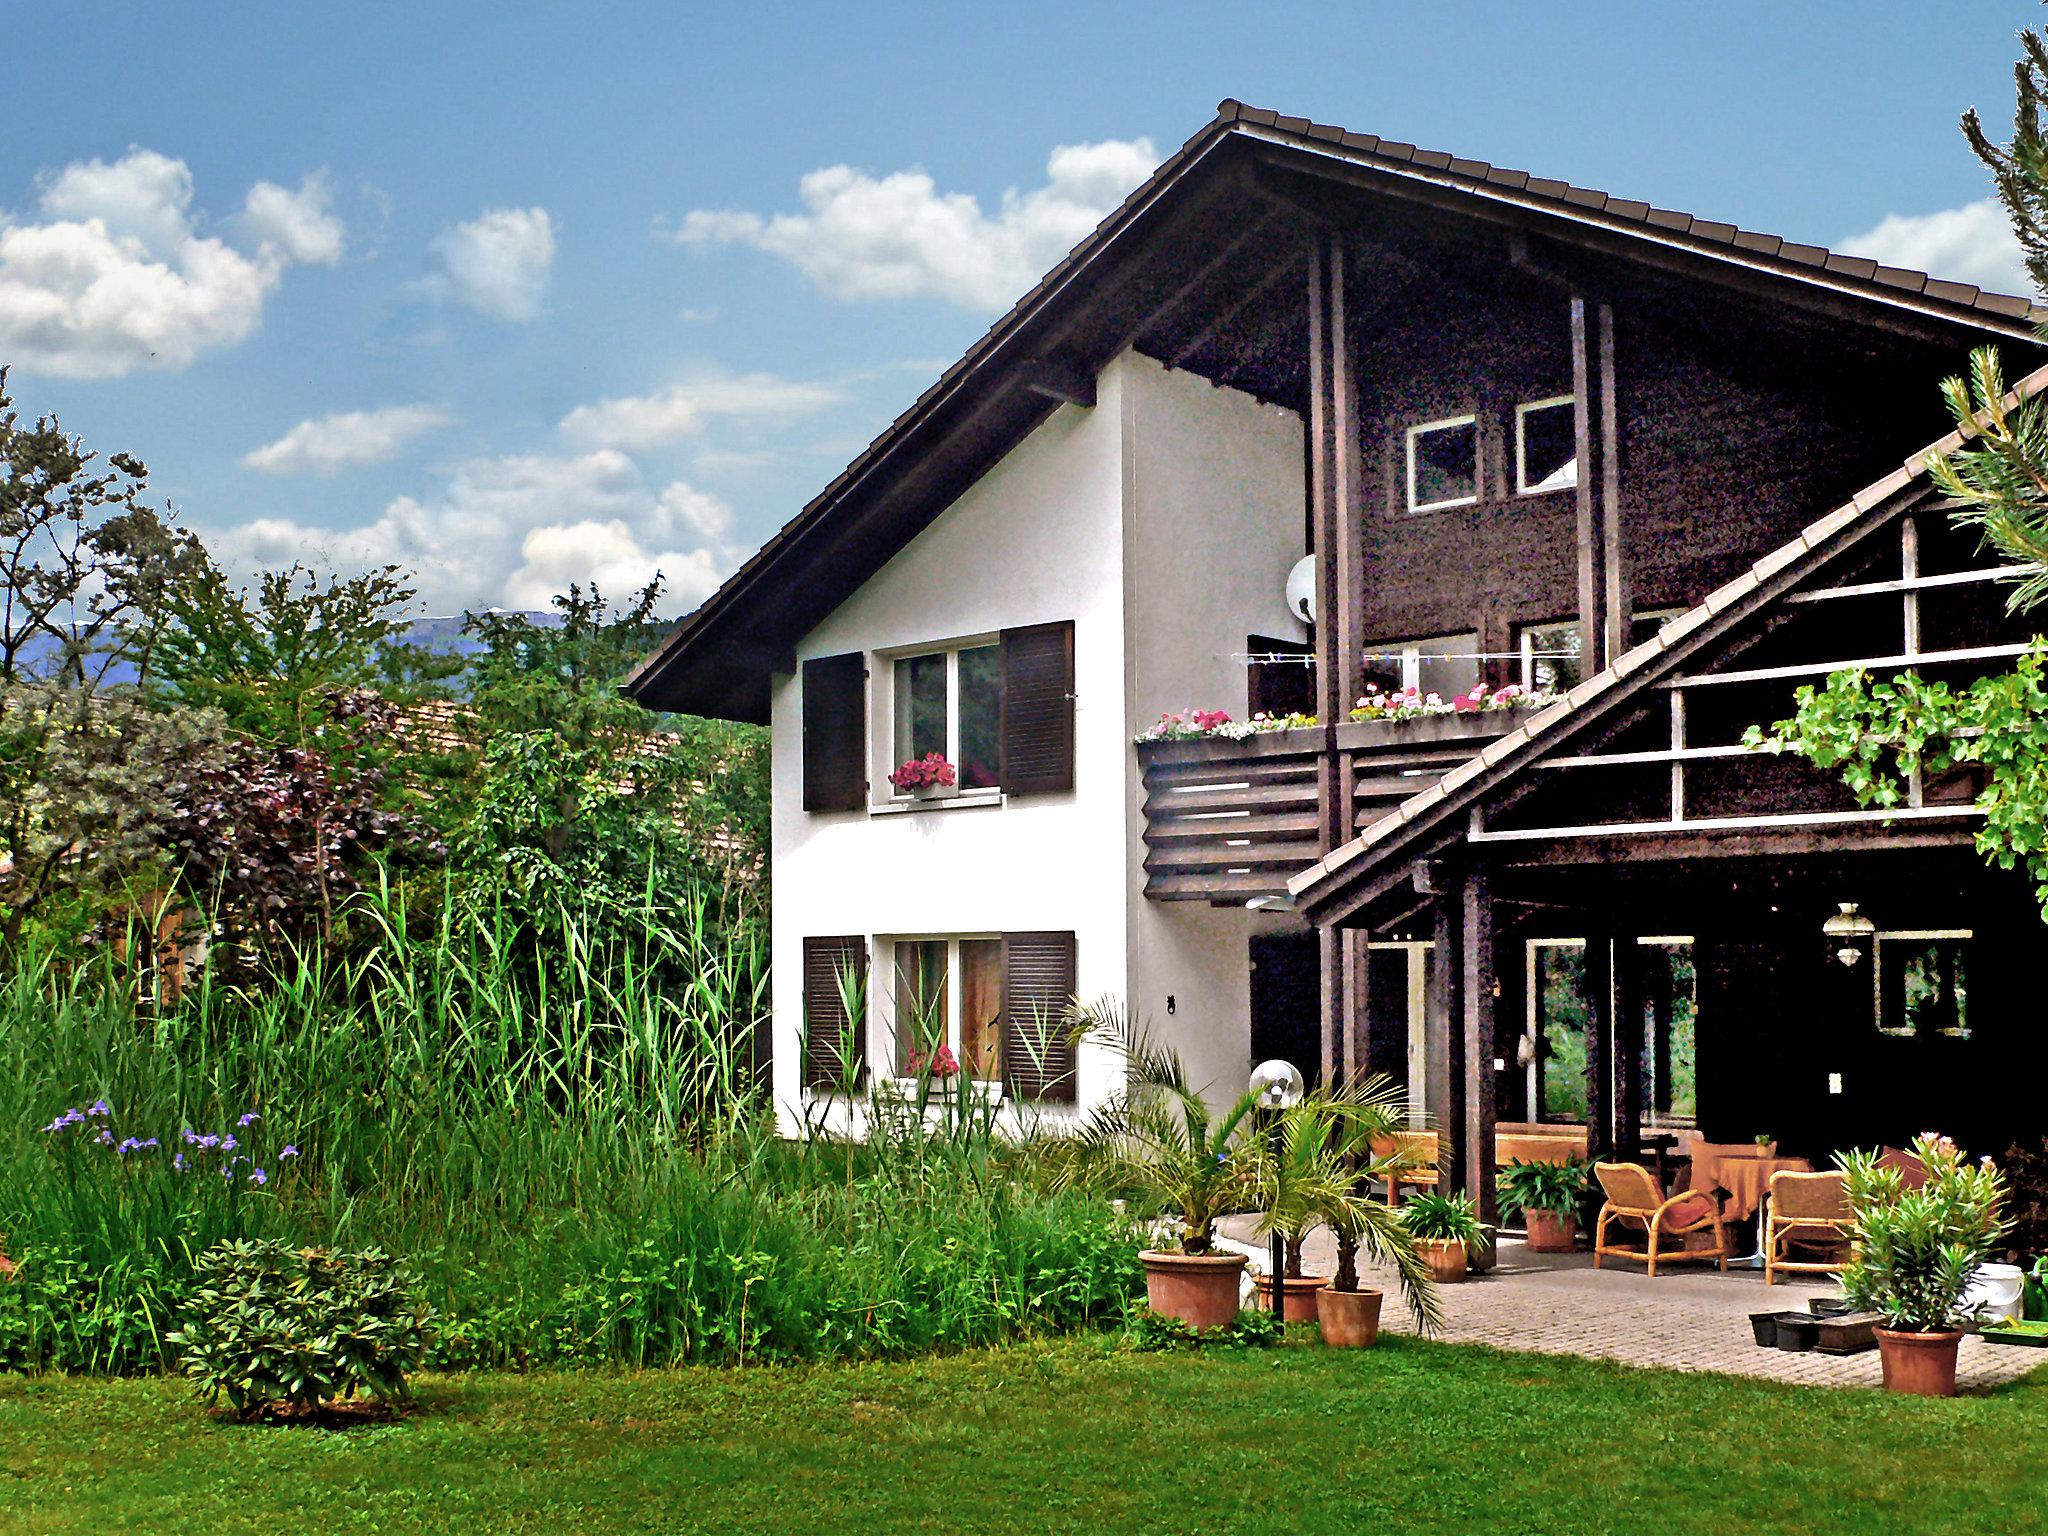 Flurweg 26 - One Bedroom, Interlaken